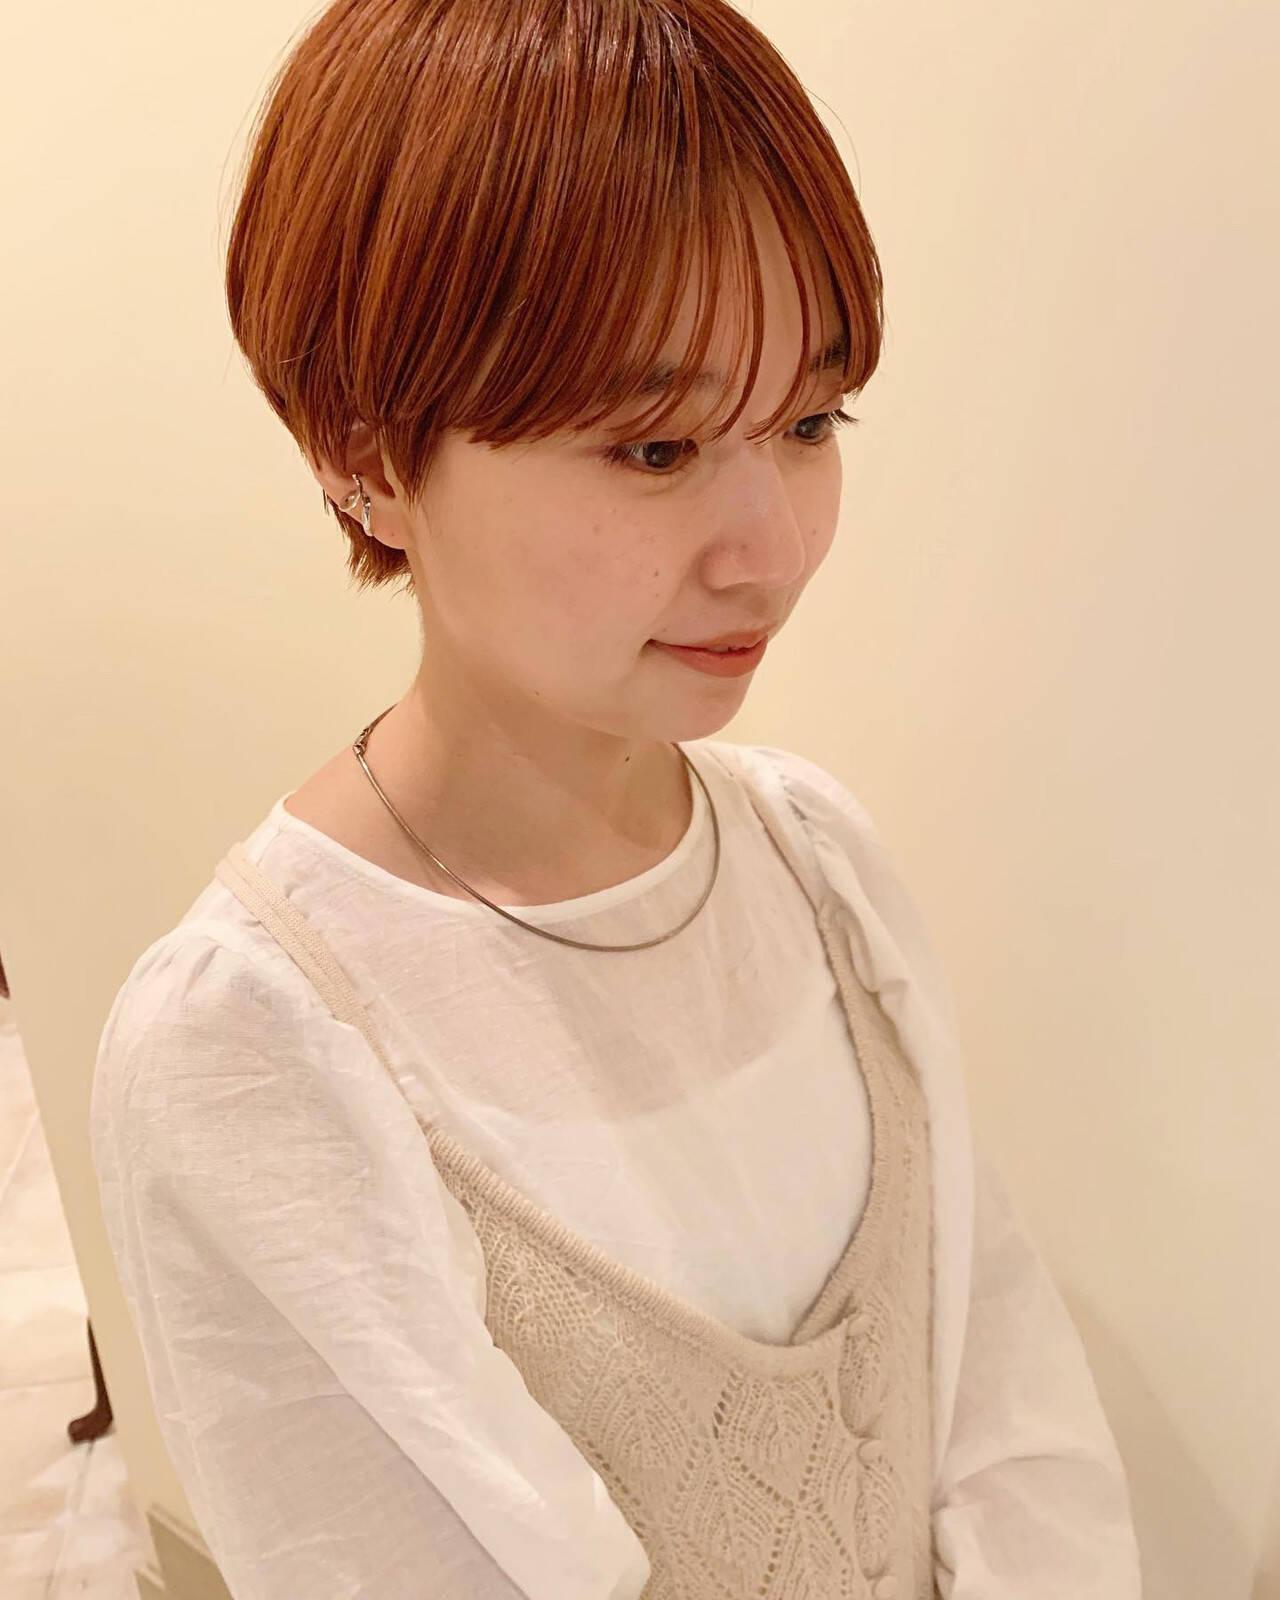 マッシュショート オレンジブラウン ショート ナチュラルヘアスタイルや髪型の写真・画像